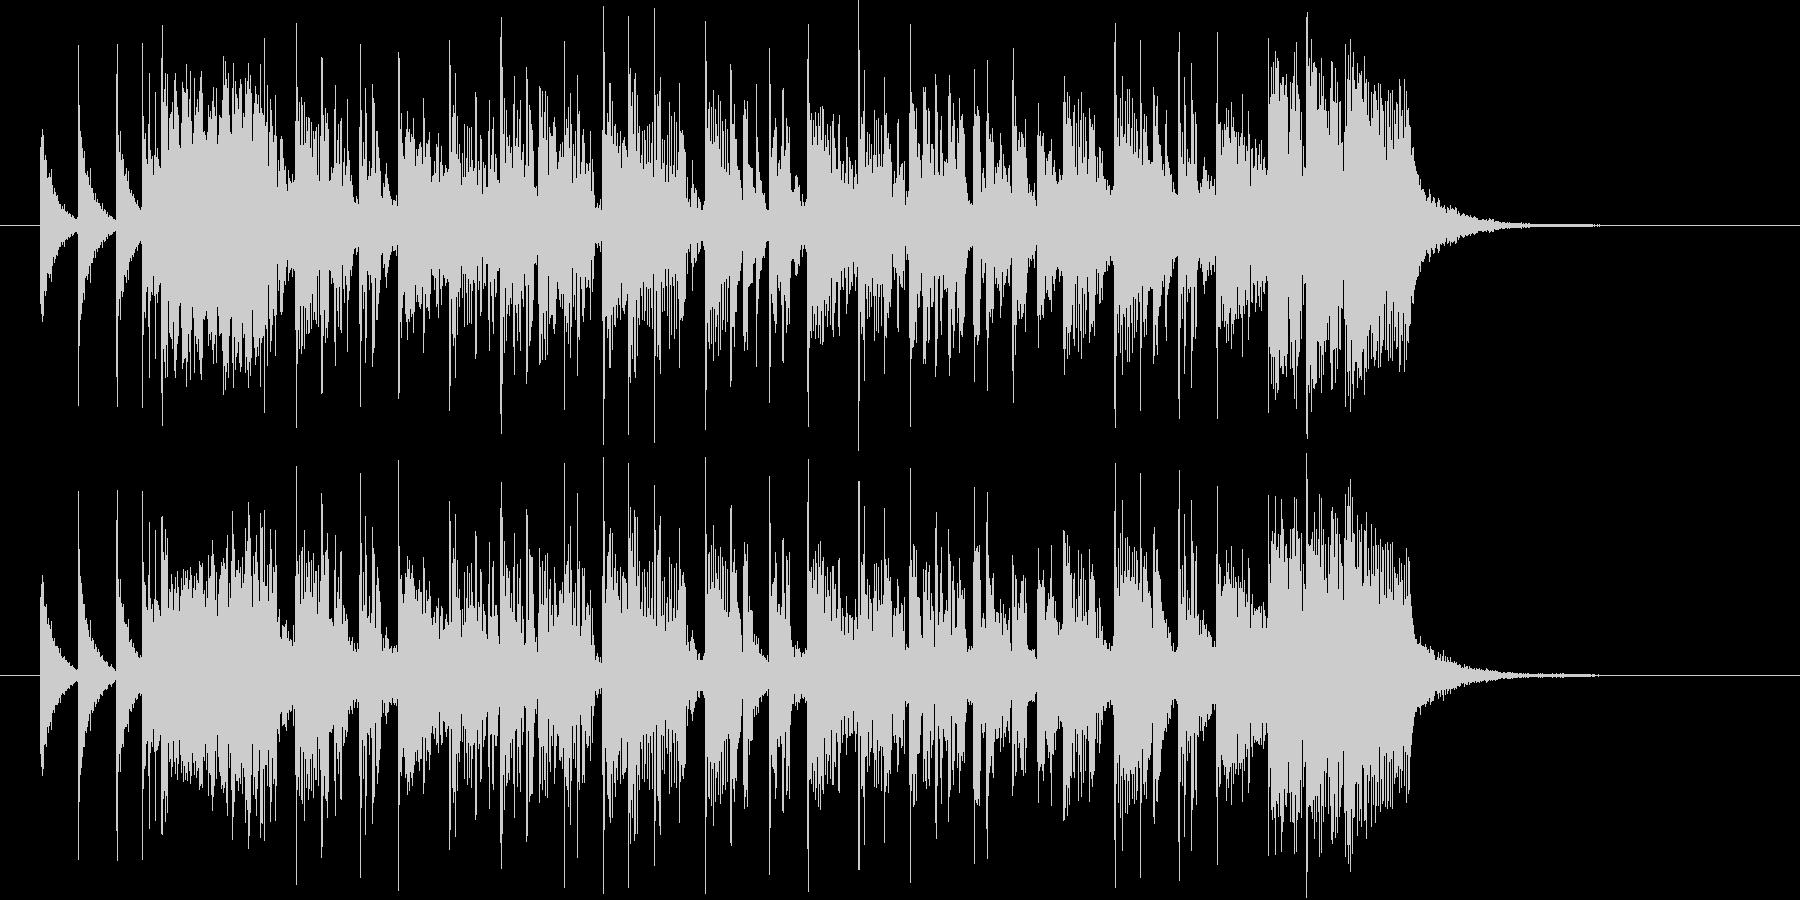 疾走感のあるアップテンポのポップ曲の未再生の波形